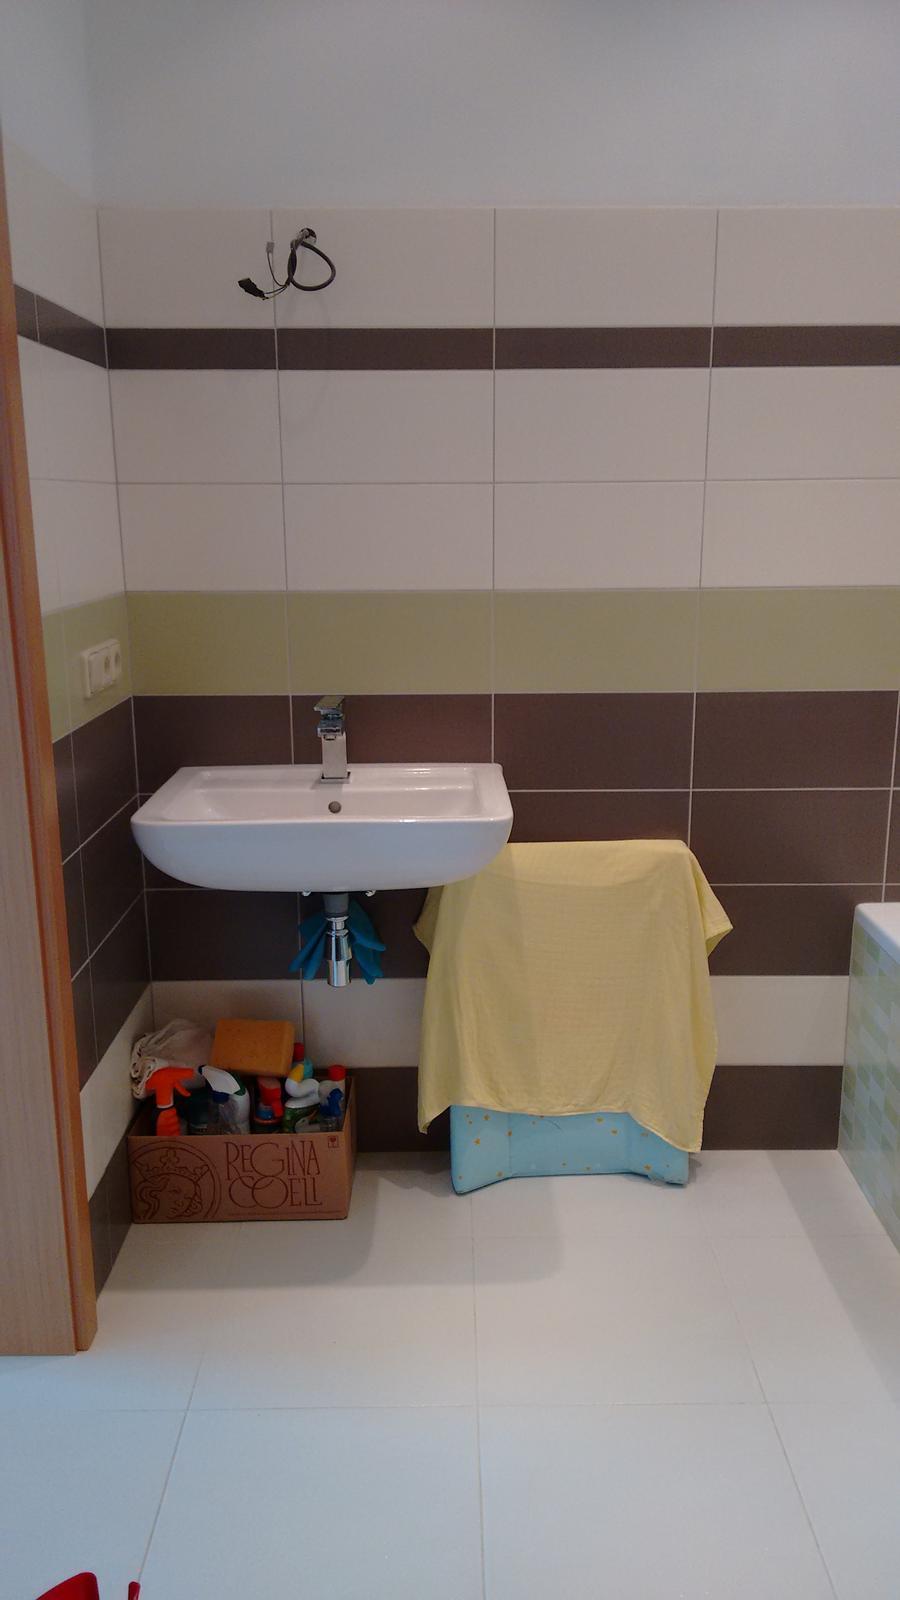 Právě si zařizujeme koupelnu... - Obrázek č. 1